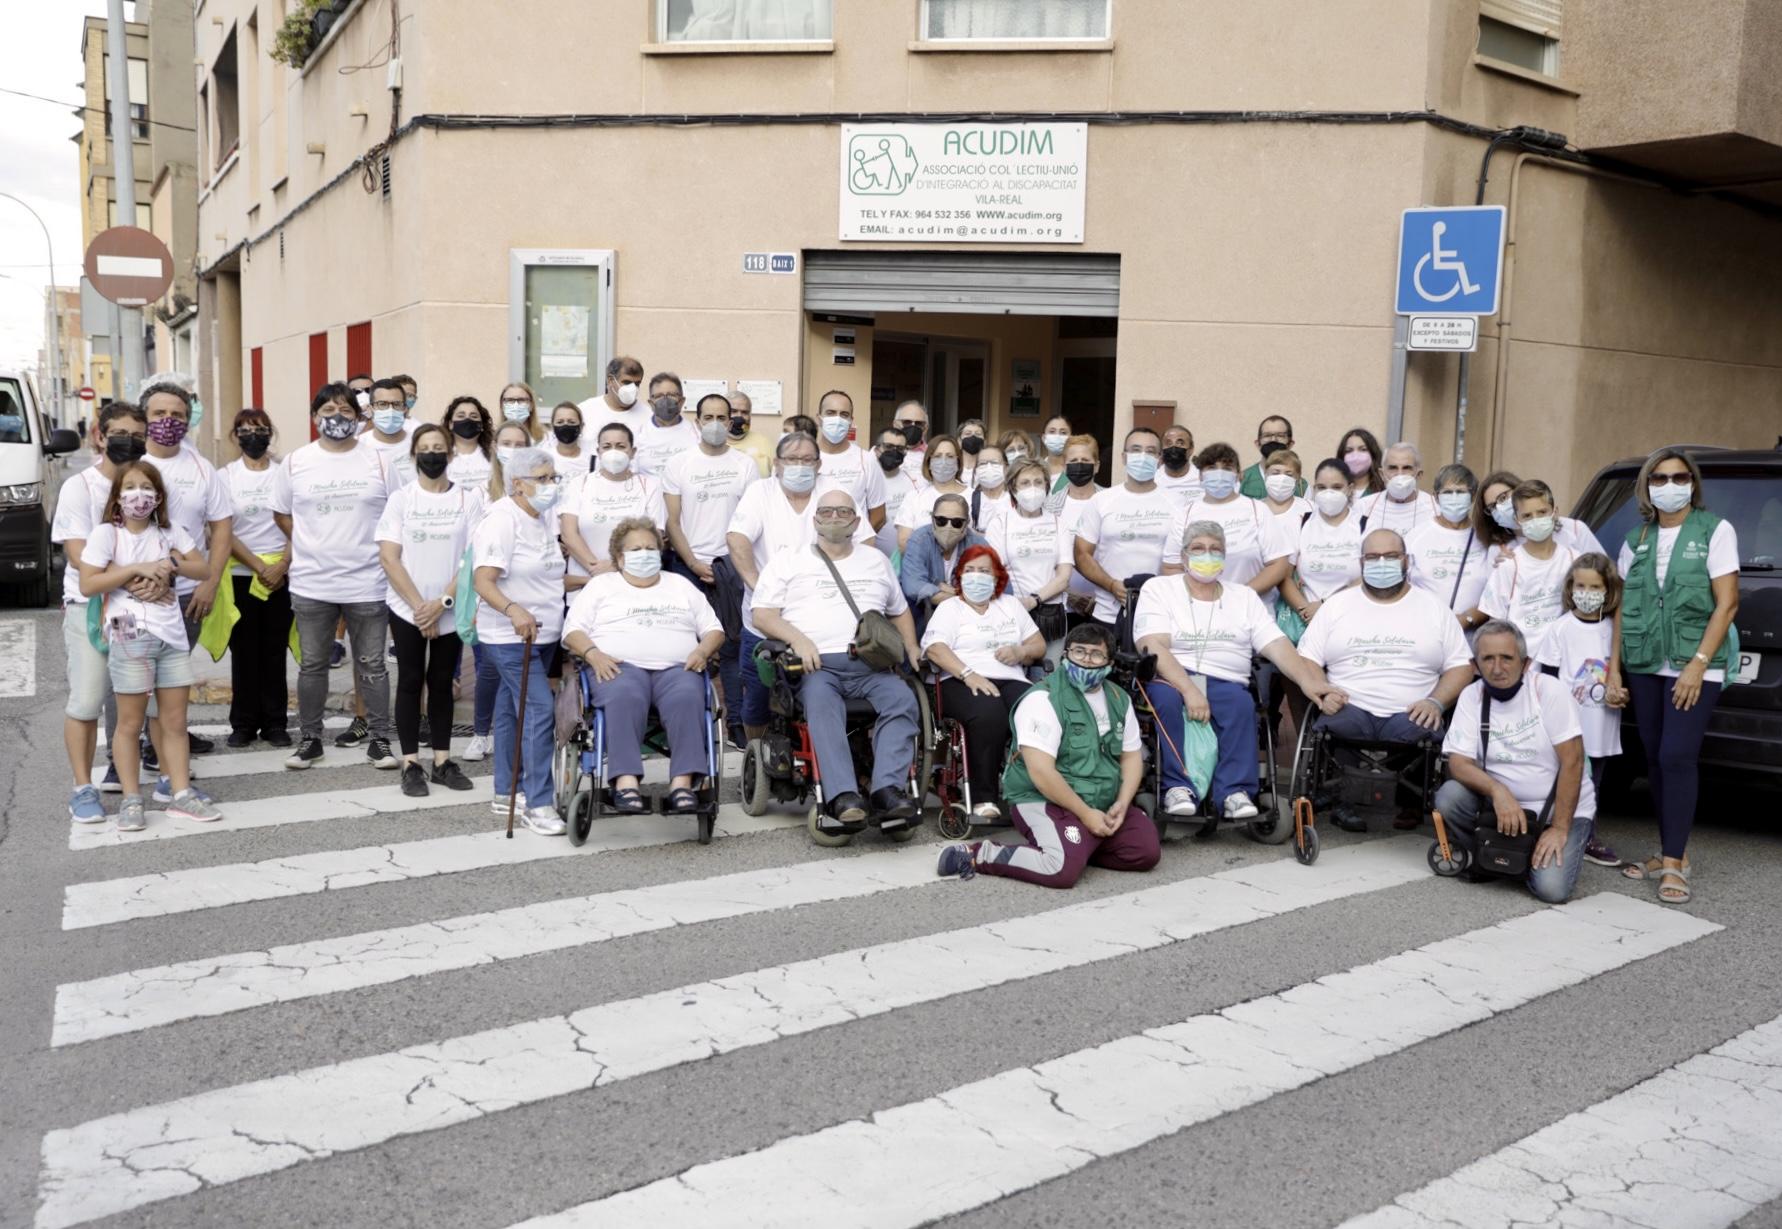 I Marxa solidària d'Acudim a Vila-real